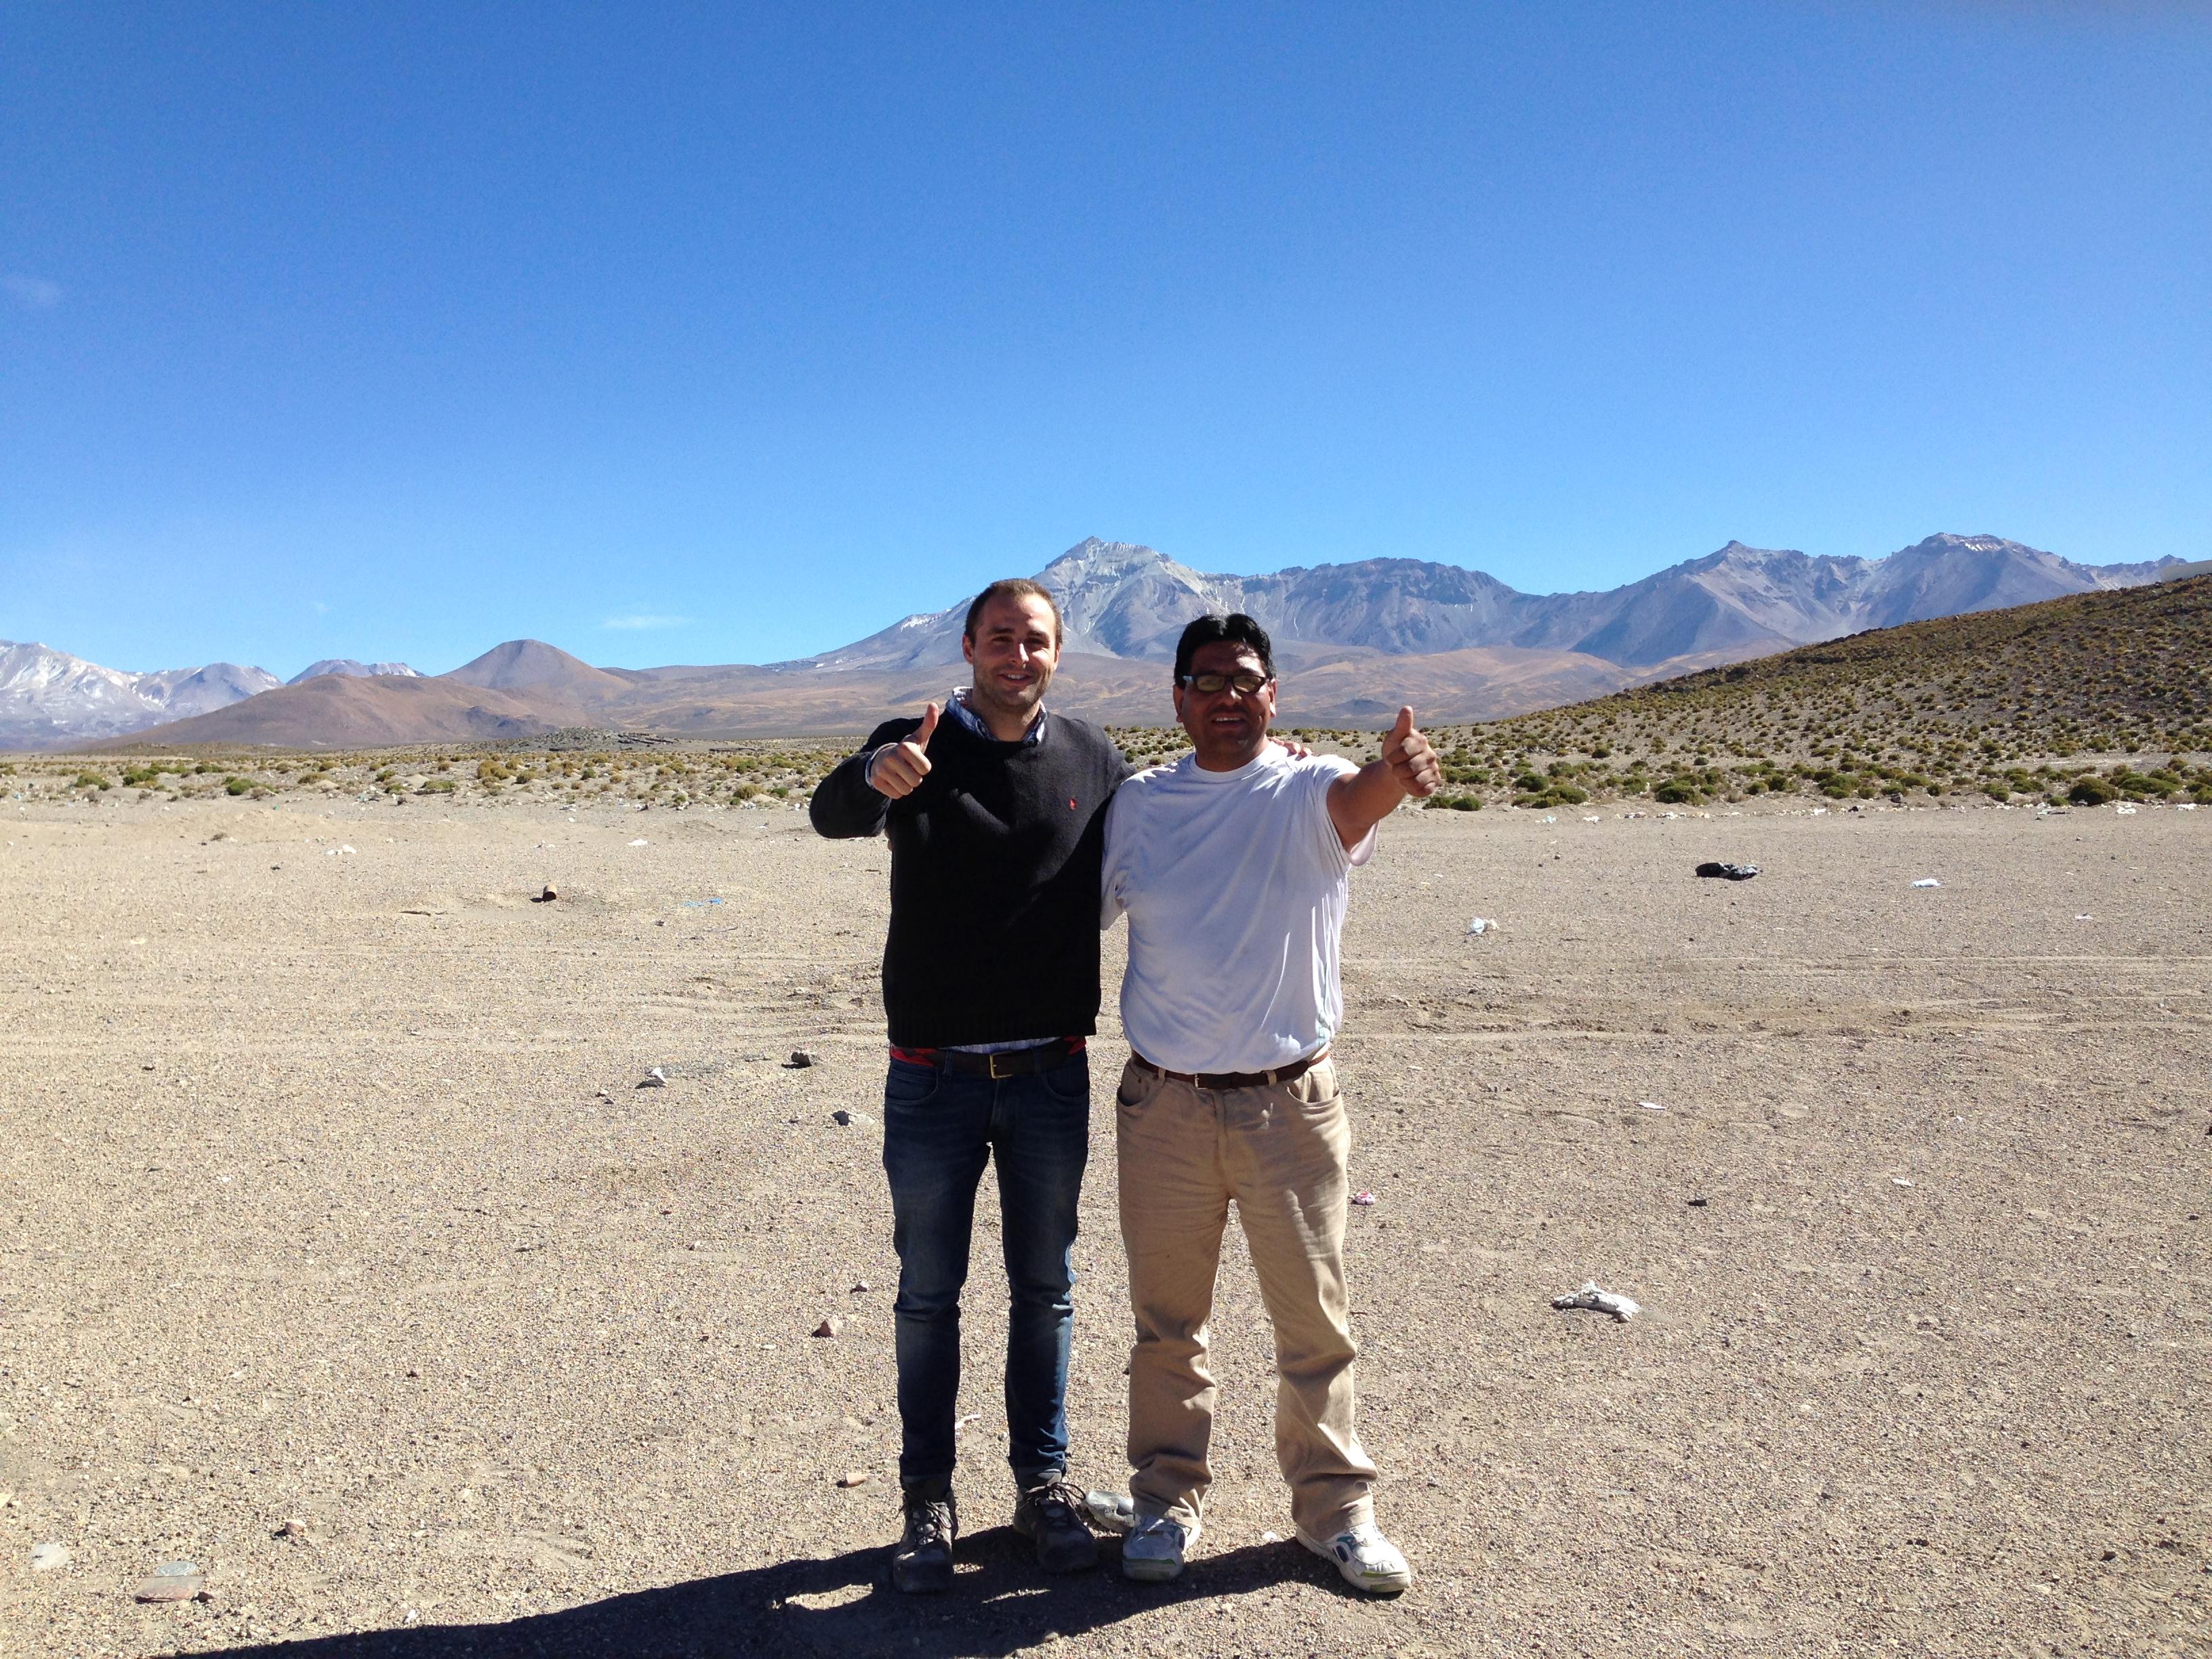 Con mi amigo Juan Carlos Challapa al que también conocí en la frontera